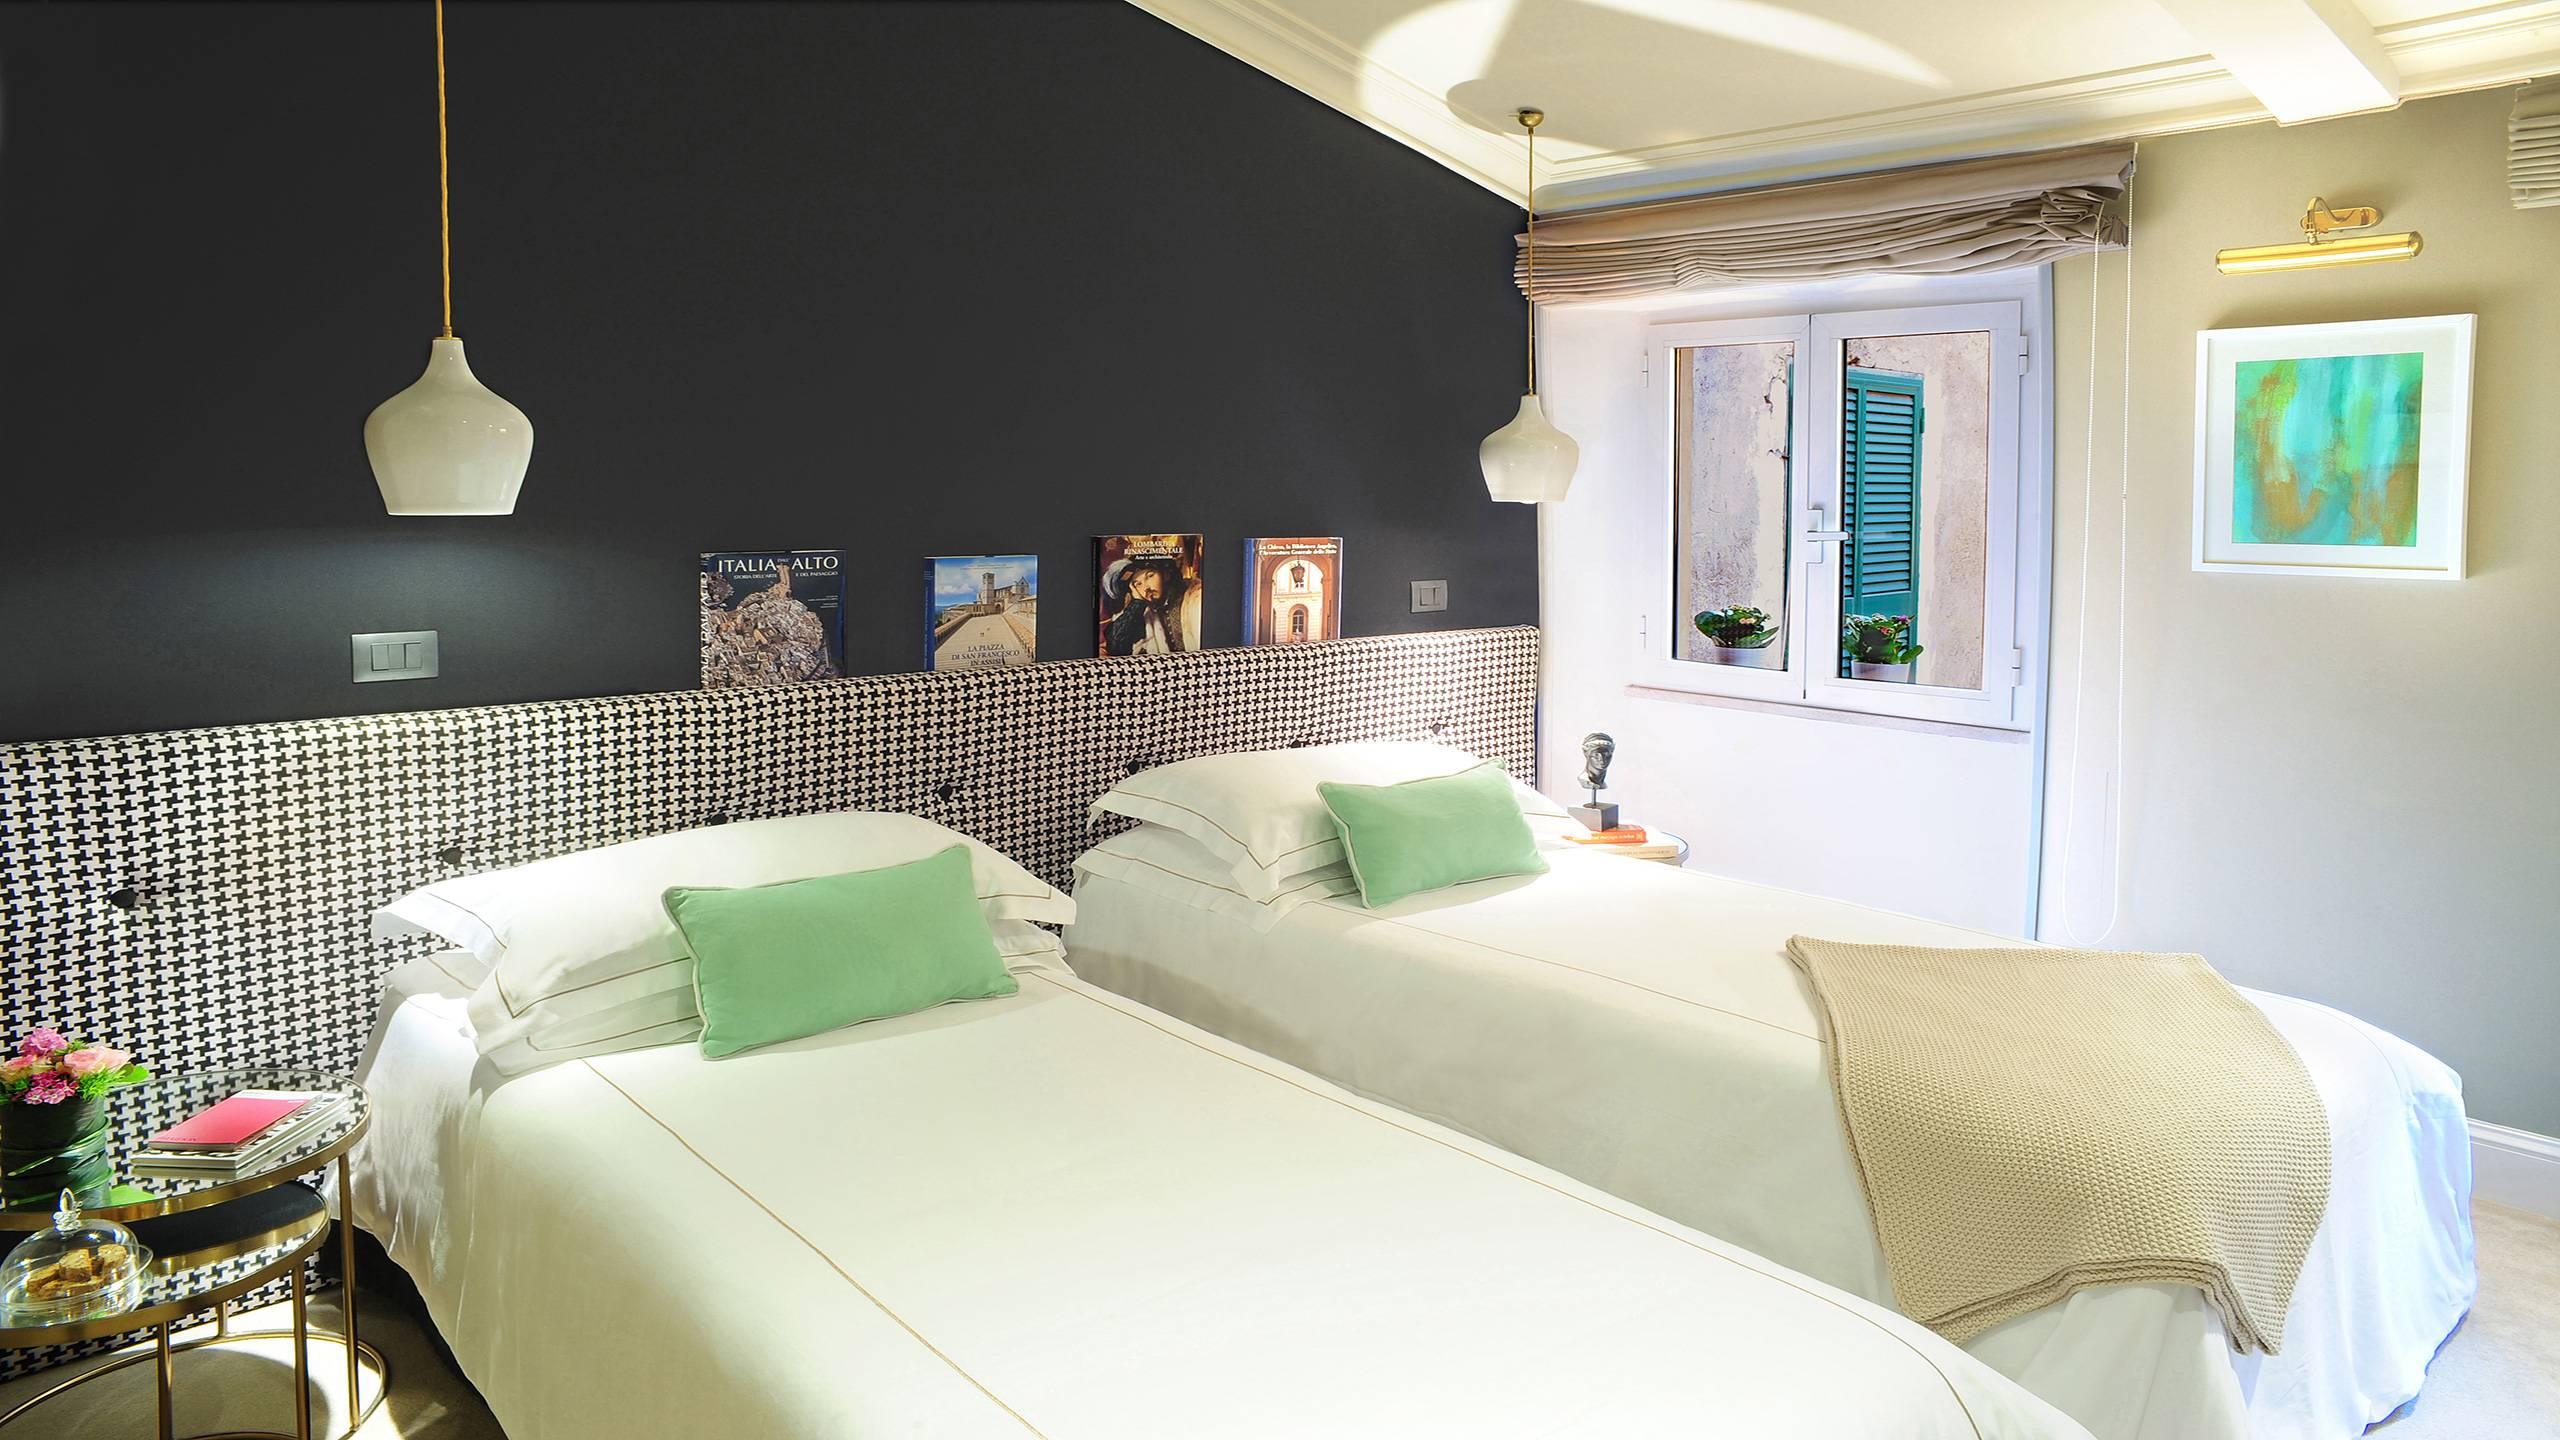 Nerva-Boutique-Hotel-DSC-1631-FATTA-NUOVA-2560